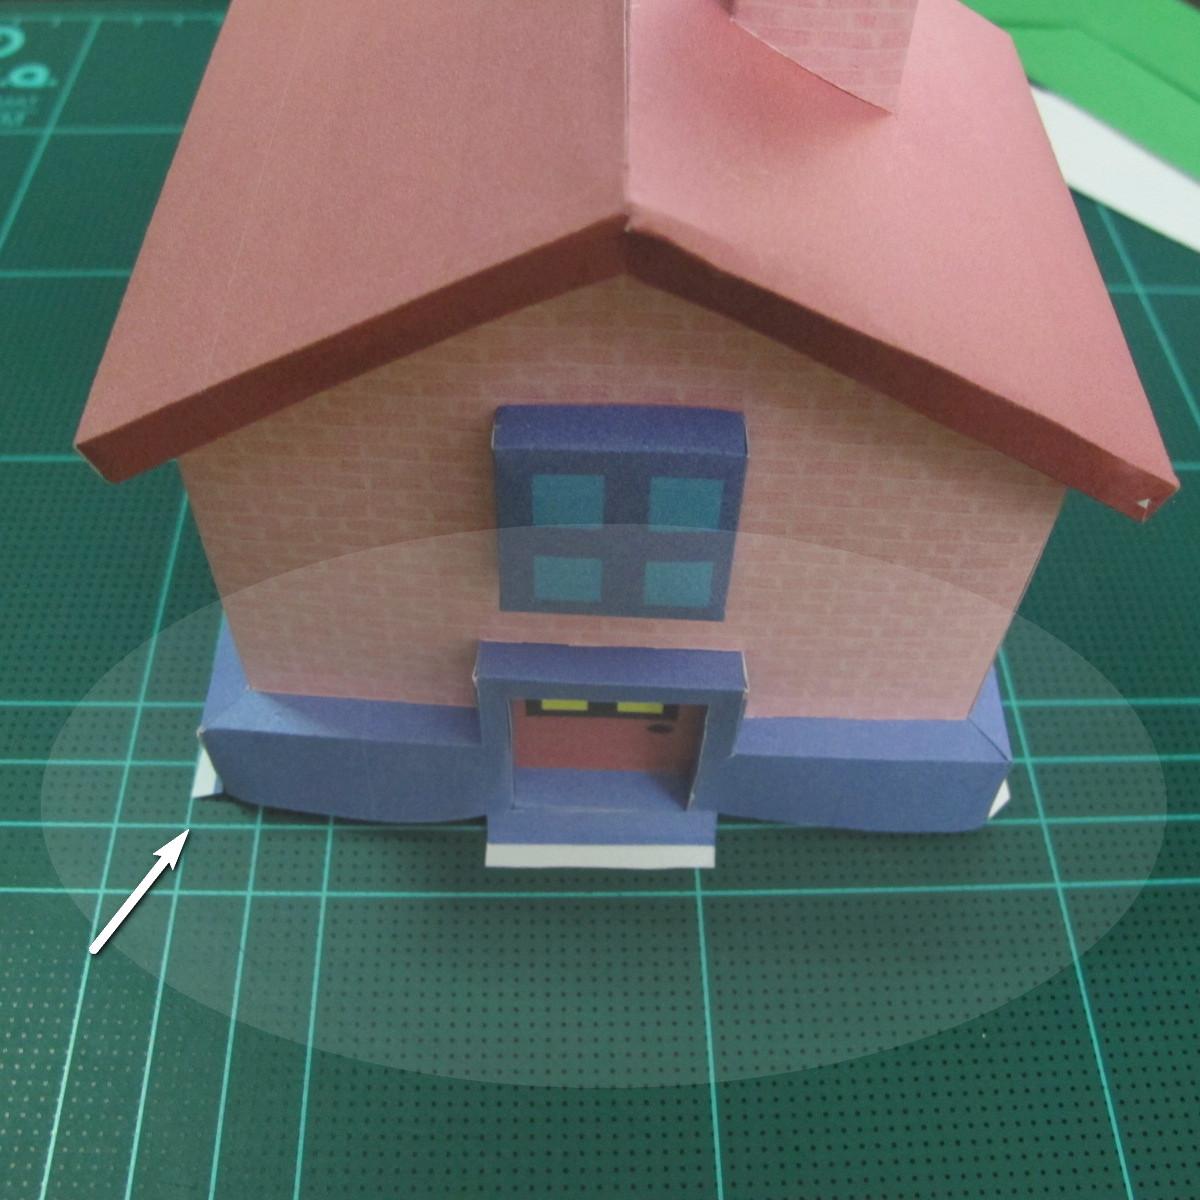 วิธีทำโมเดลกระดาษเป็นรูปบ้าน (Little House Papercraft Model) 013